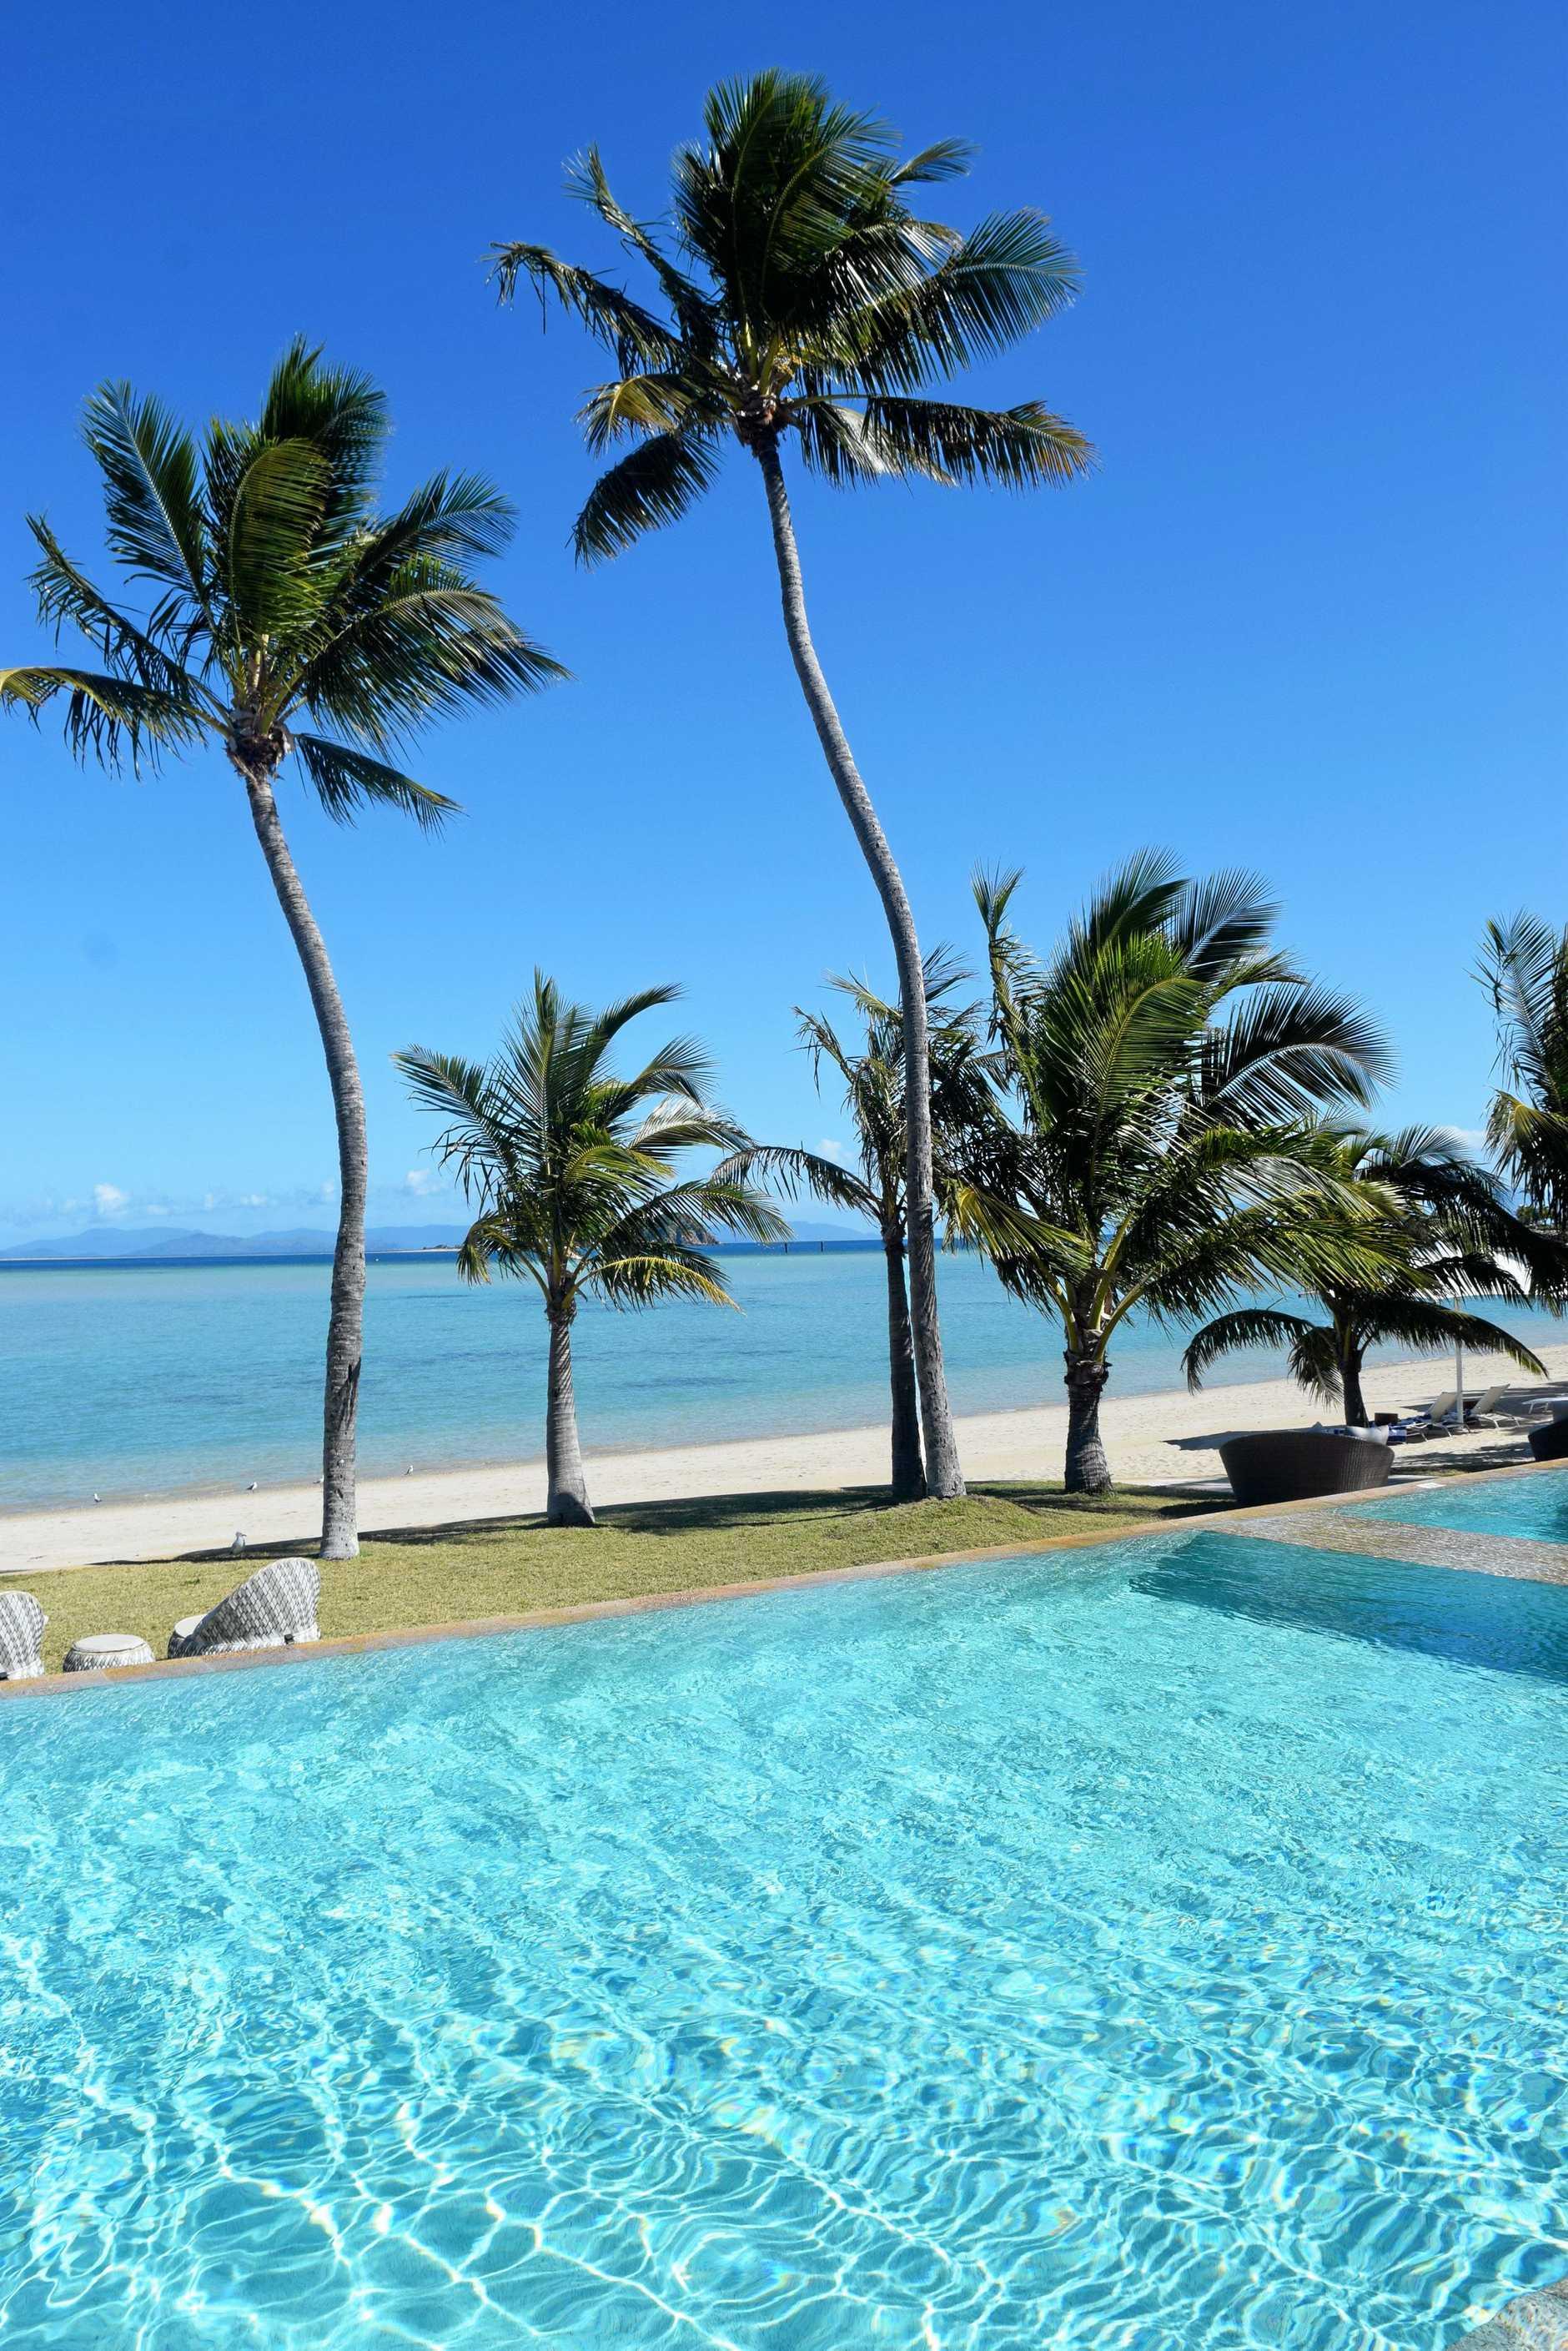 Take a sneak peek of new-look luxury Hayman Island